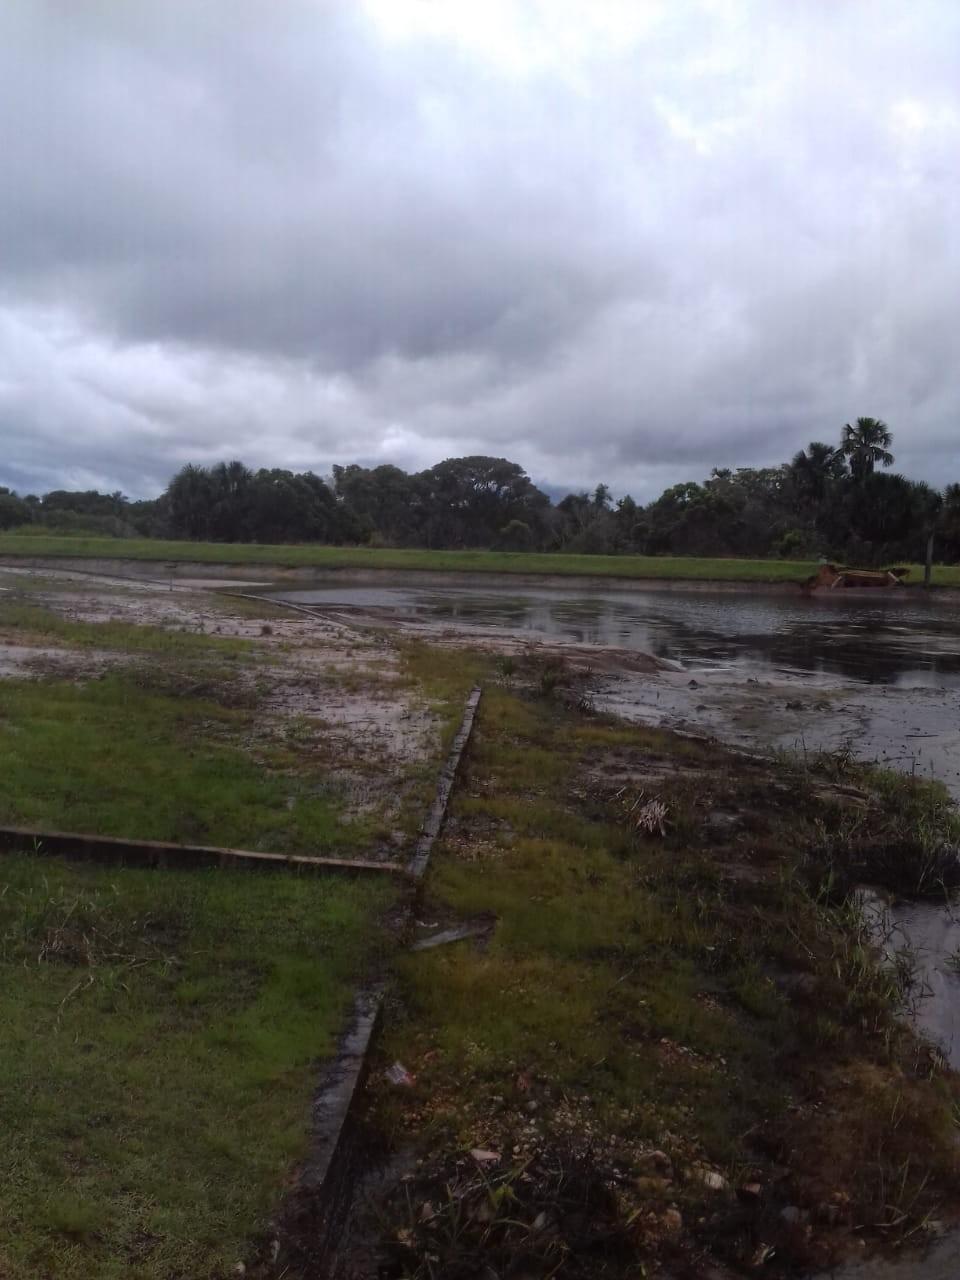 Represa de balneário se rompe em Bandeirante do Tocantins - Noticias